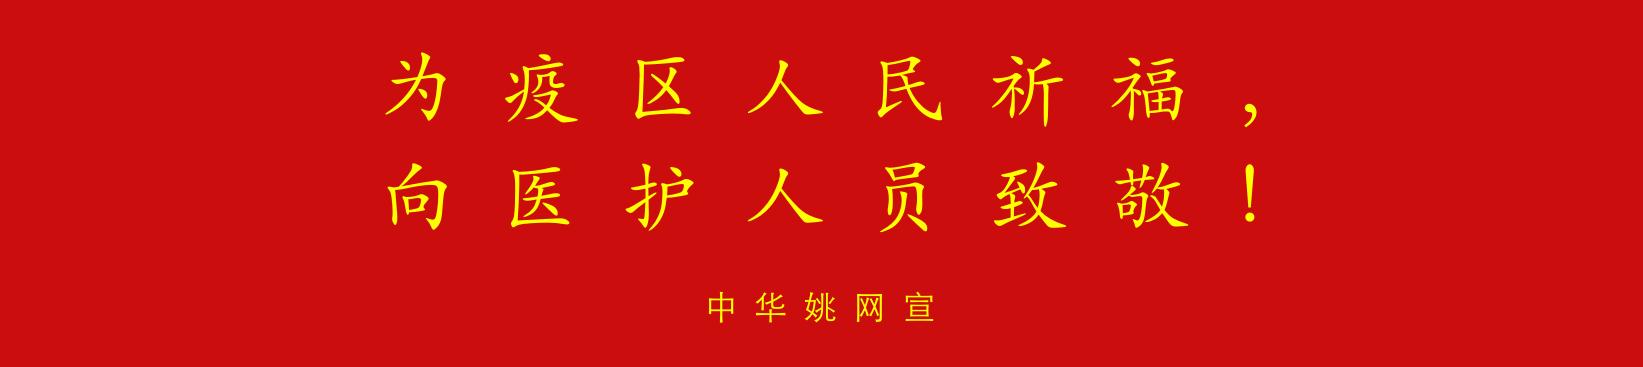 中华姚网为疫区人民祈福,向医护人员致敬!